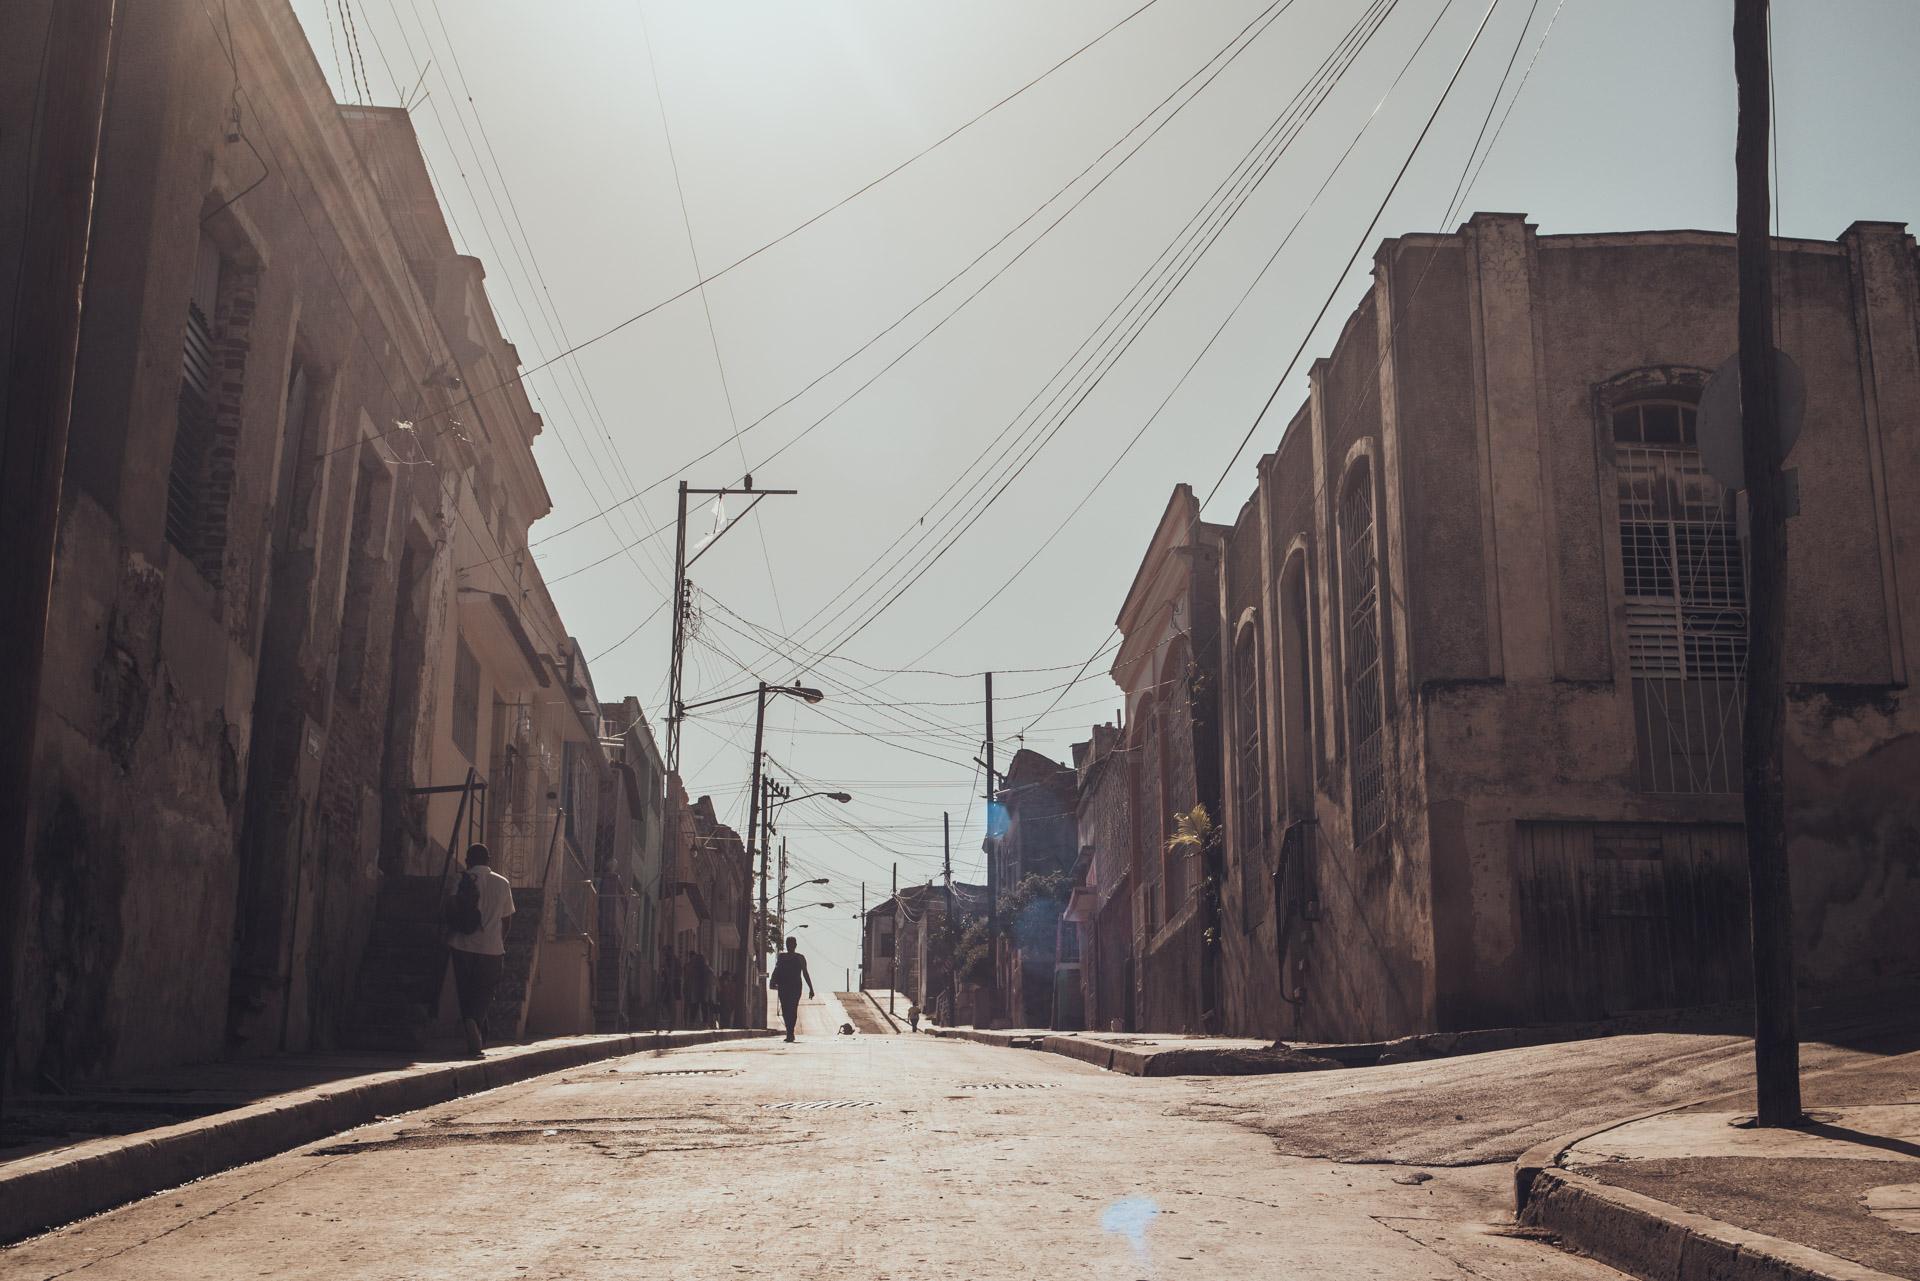 Cuba_StijnHoekstra-62.jpg